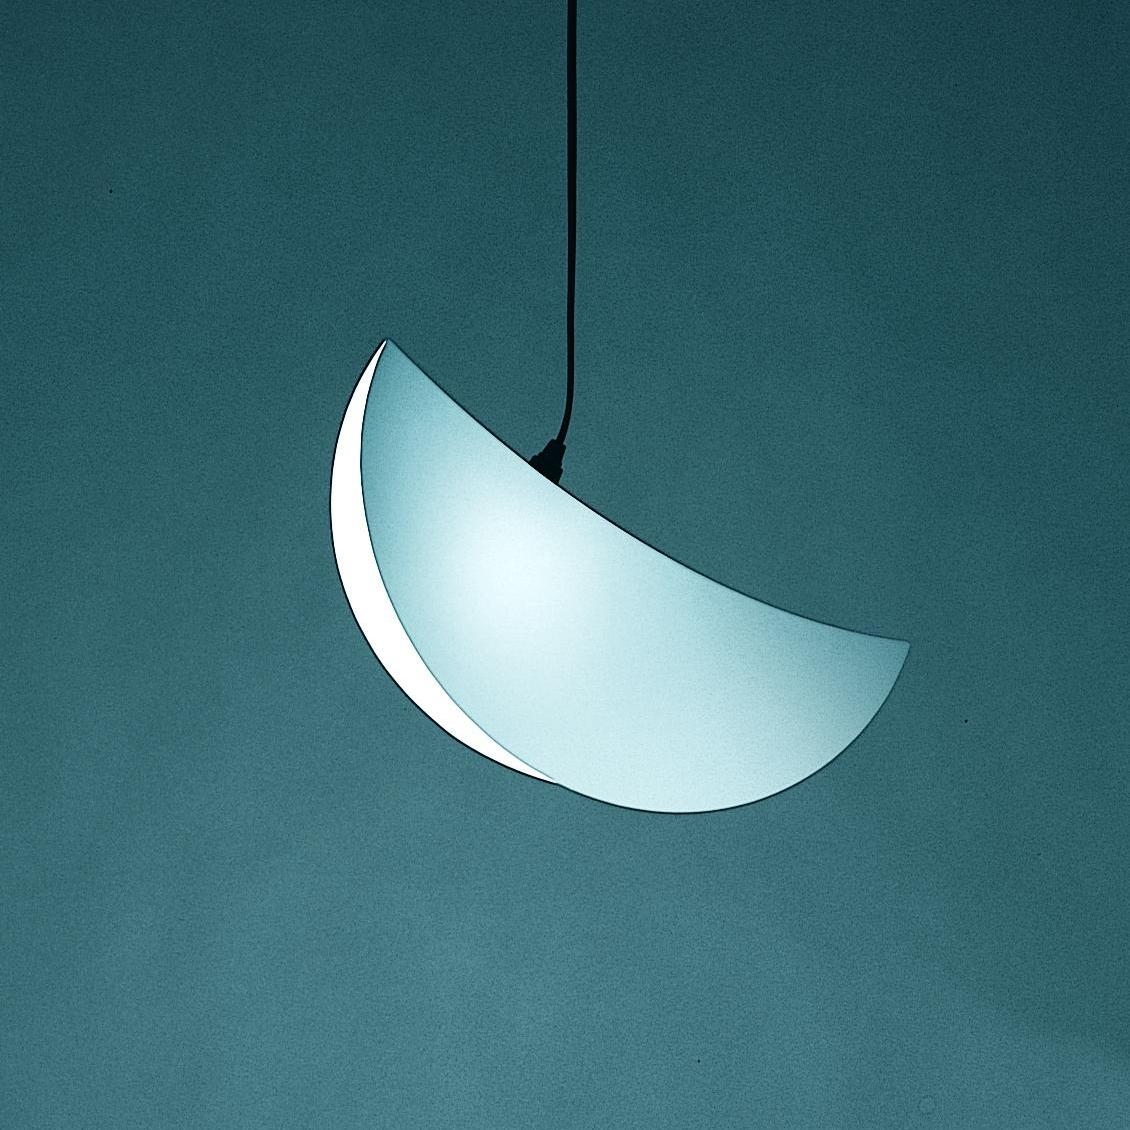 Lamp - Ultra-Luz -  Proto Design 1995